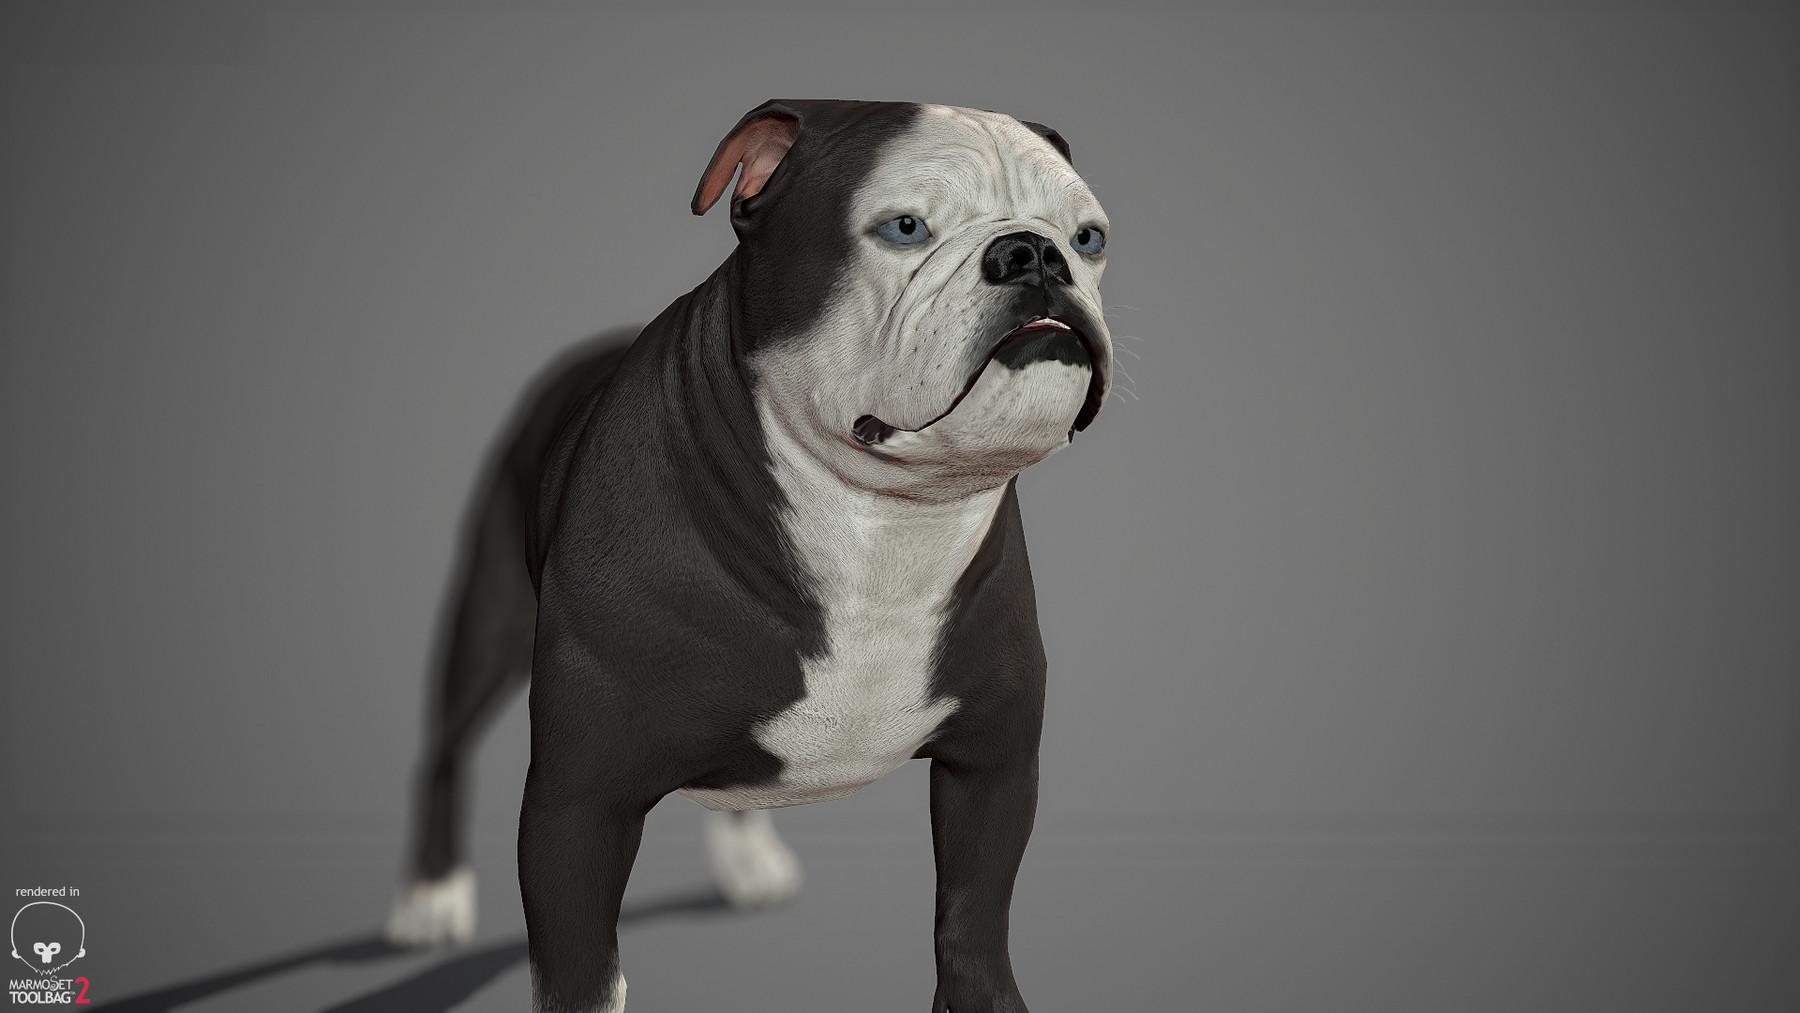 Englishbulldog by alexlashko marmoset 18